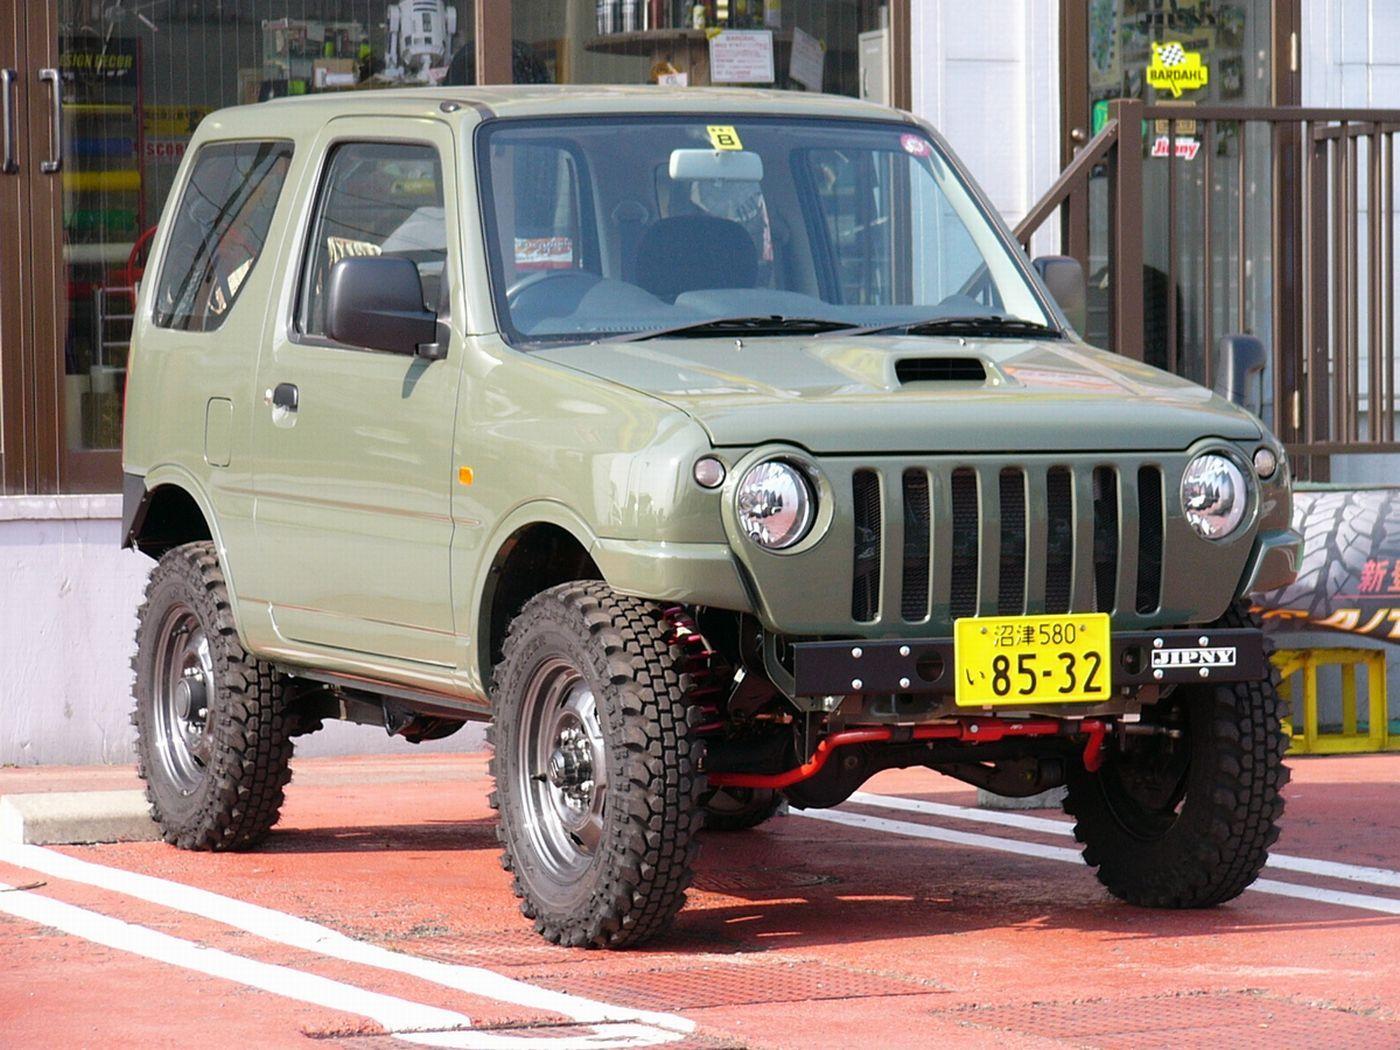 Suzuki 4x4 Jimny Samurai おしゃれまとめの人気アイデア Pinterest ǝuɐɥɐʞɐ ɐɯnzɐʞ ジムニー スズキ ジムニー ジムニー Jb23